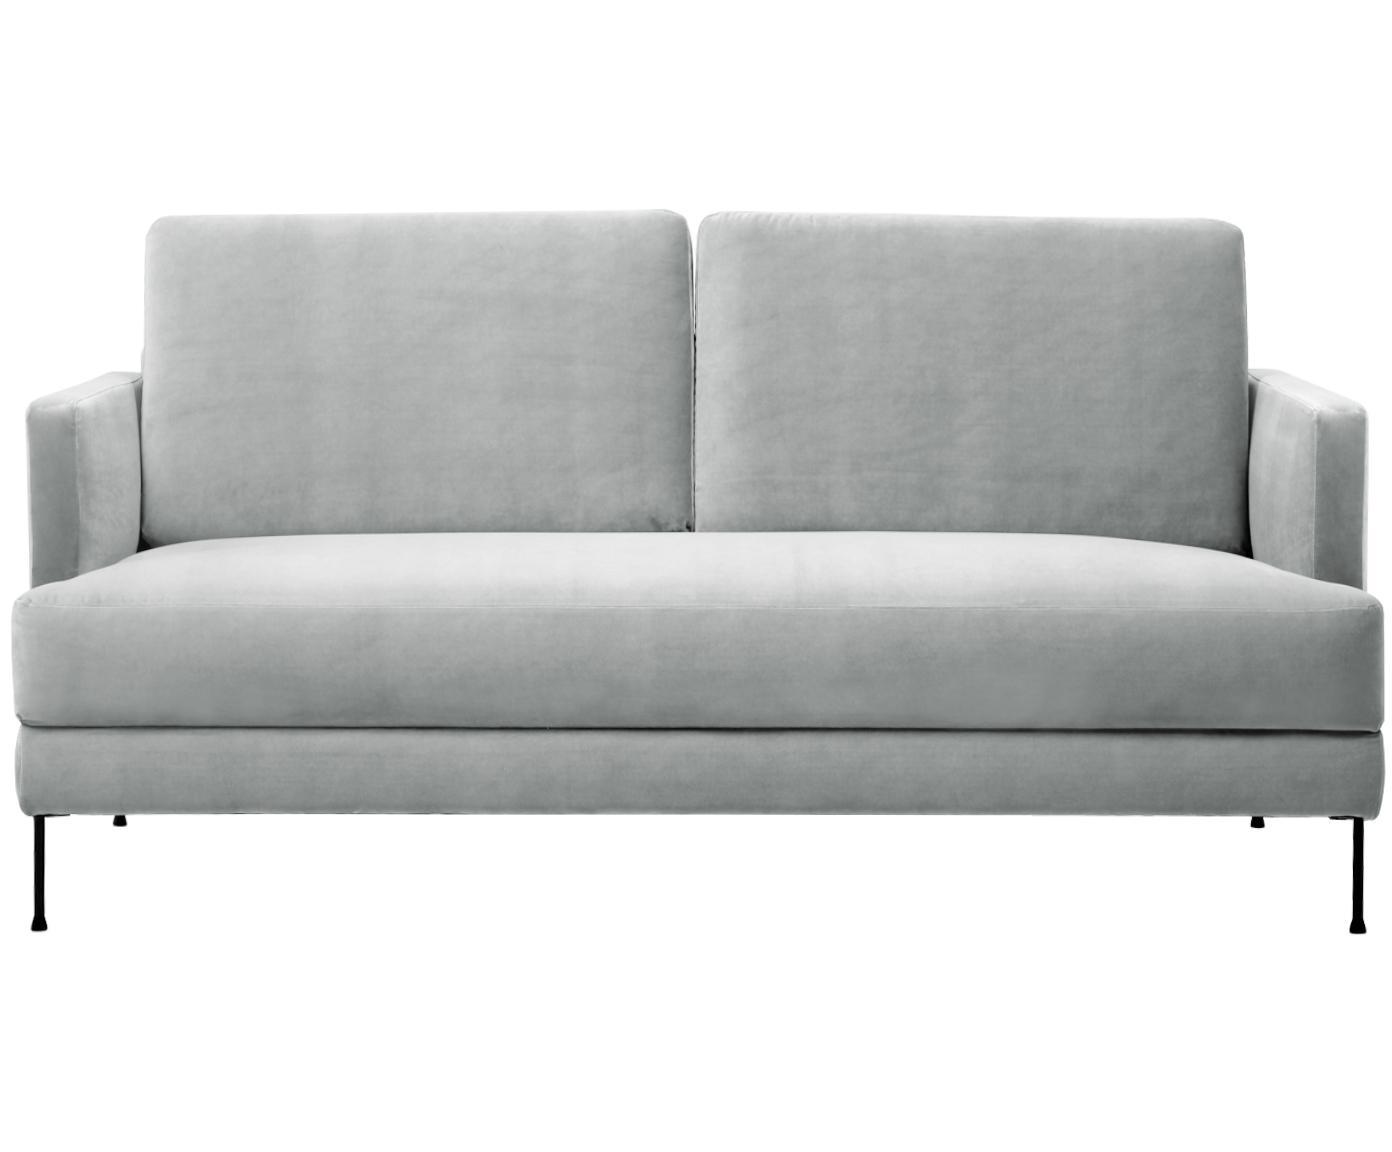 Sofa z aksamitu Fluente (2-osobowa), Tapicerka: aksamit (wysokiej jakości, Stelaż: lite drewno sosnowe, Nogi: metal lakierowany, Aksamitny jasny szary, S 168 x G 83 cm